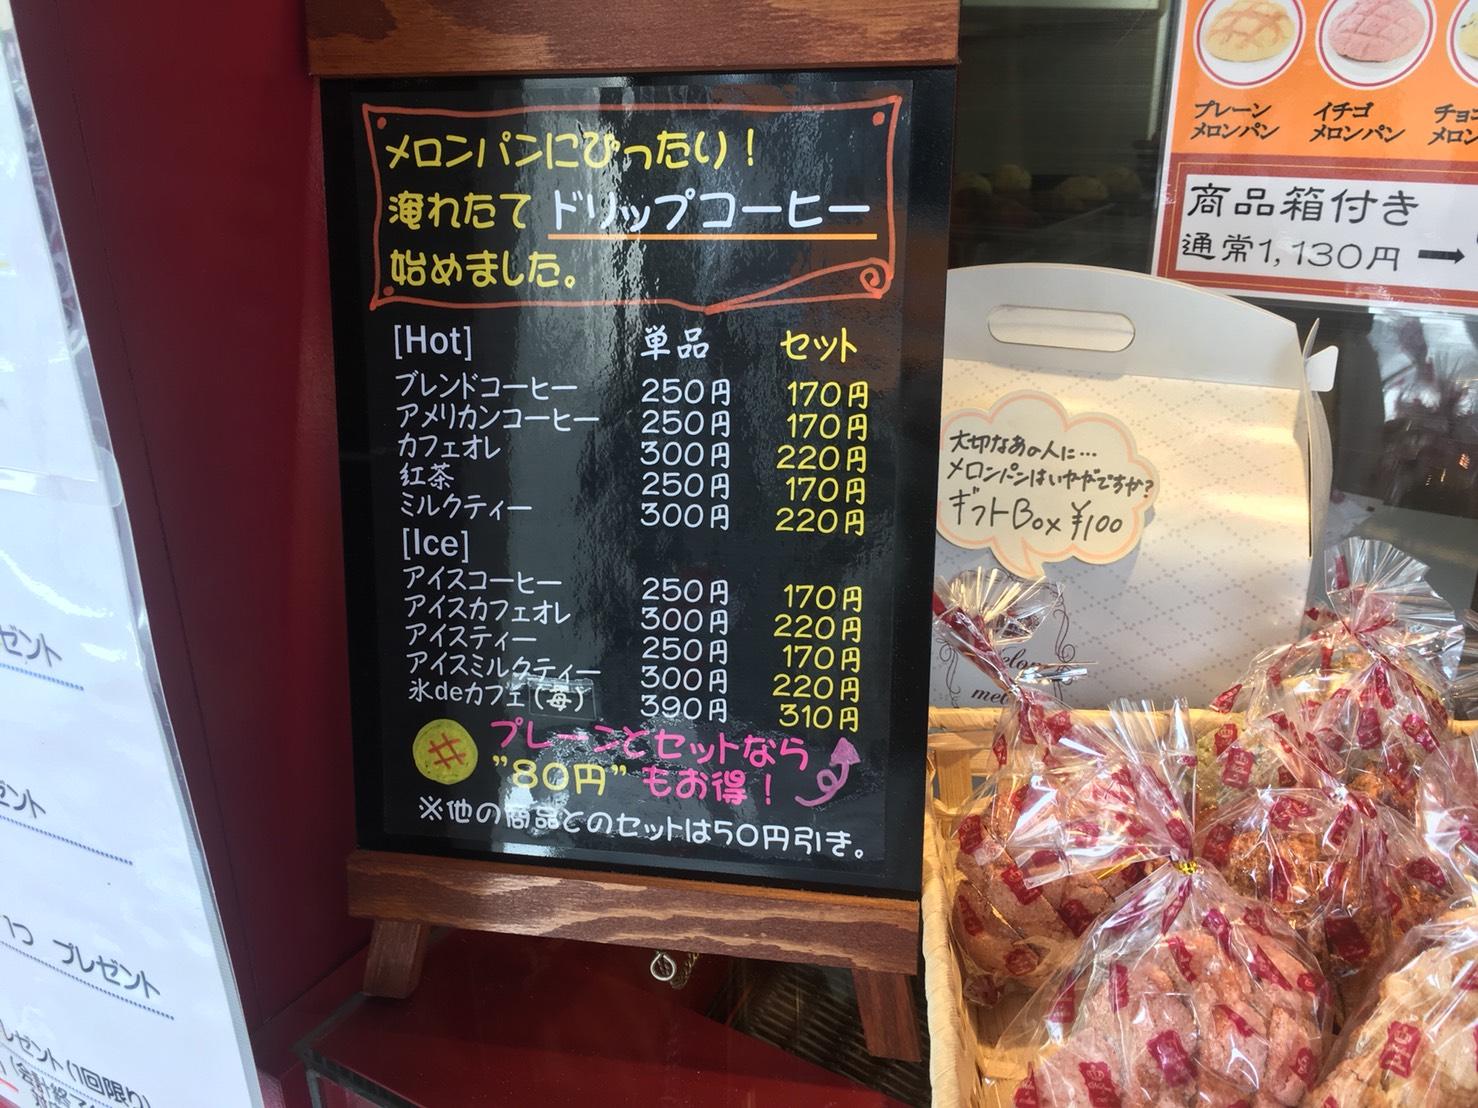 【大塚駅】「メロン・ドゥ・メロン」カリカリふわふわメロンパンのカフェメニュー